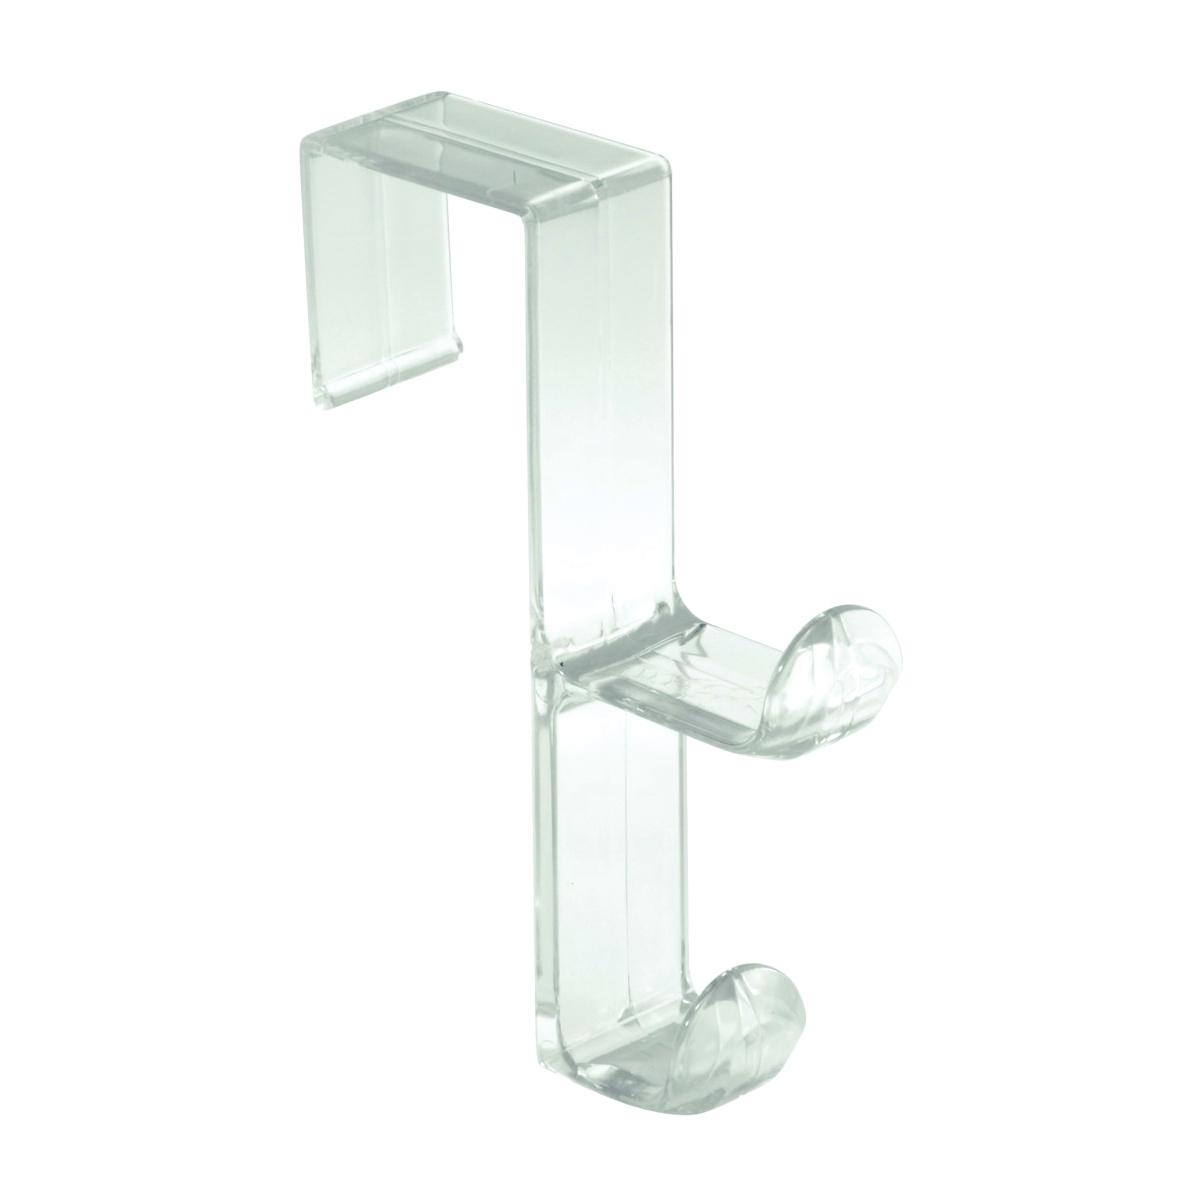 Picture of iDESIGN 16100 Door Hook, 2-Hook, Plastic